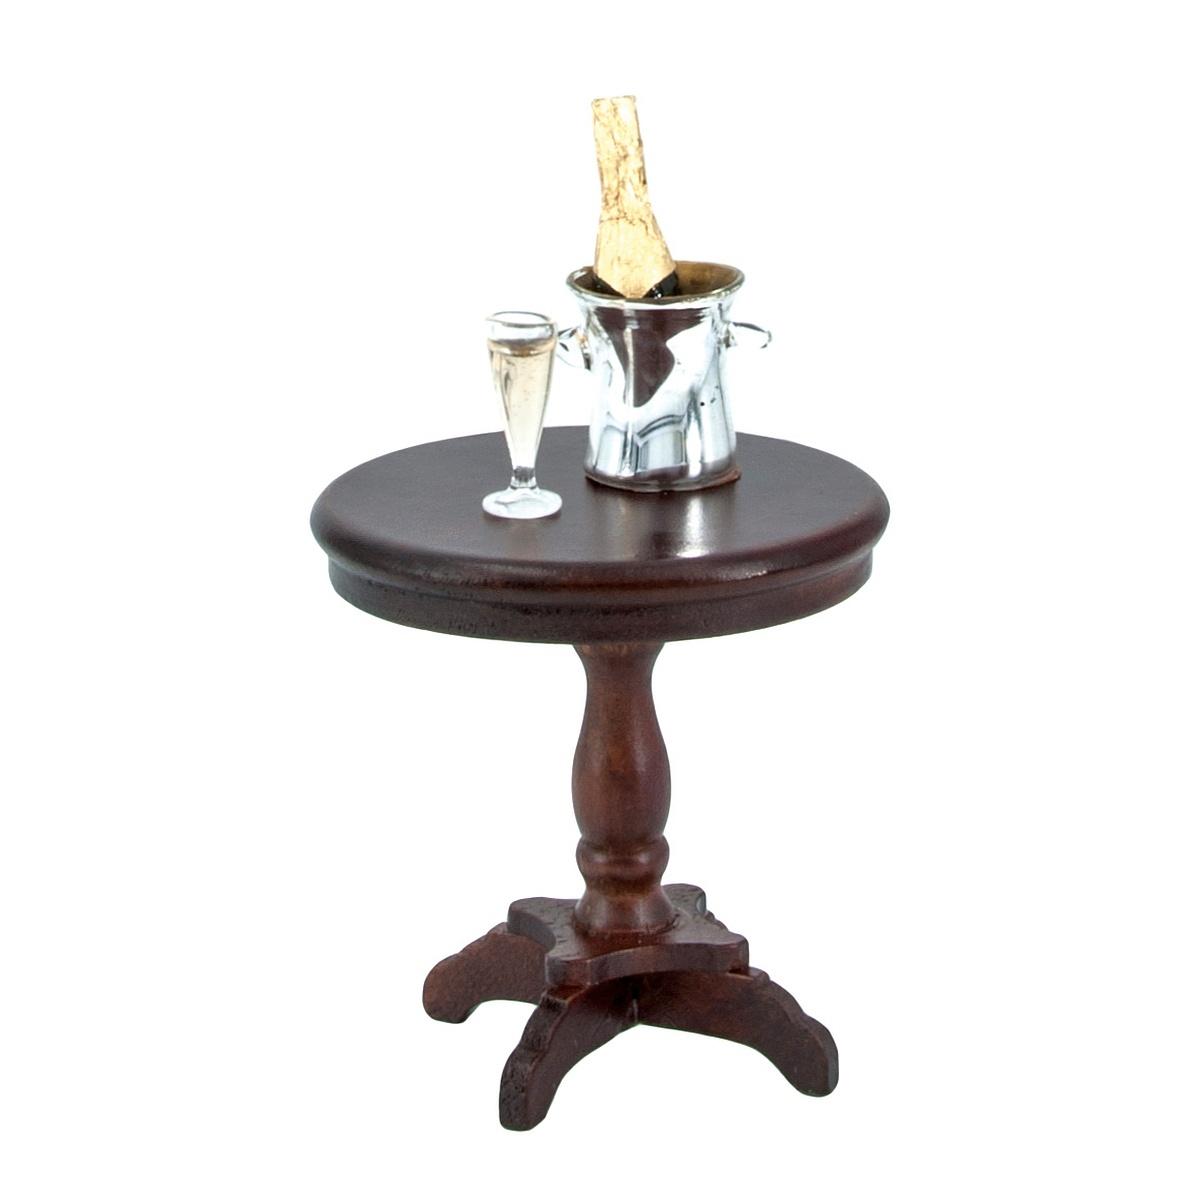 Kleiner runder tisch mahagoni 41820 for Runder kleiner tisch